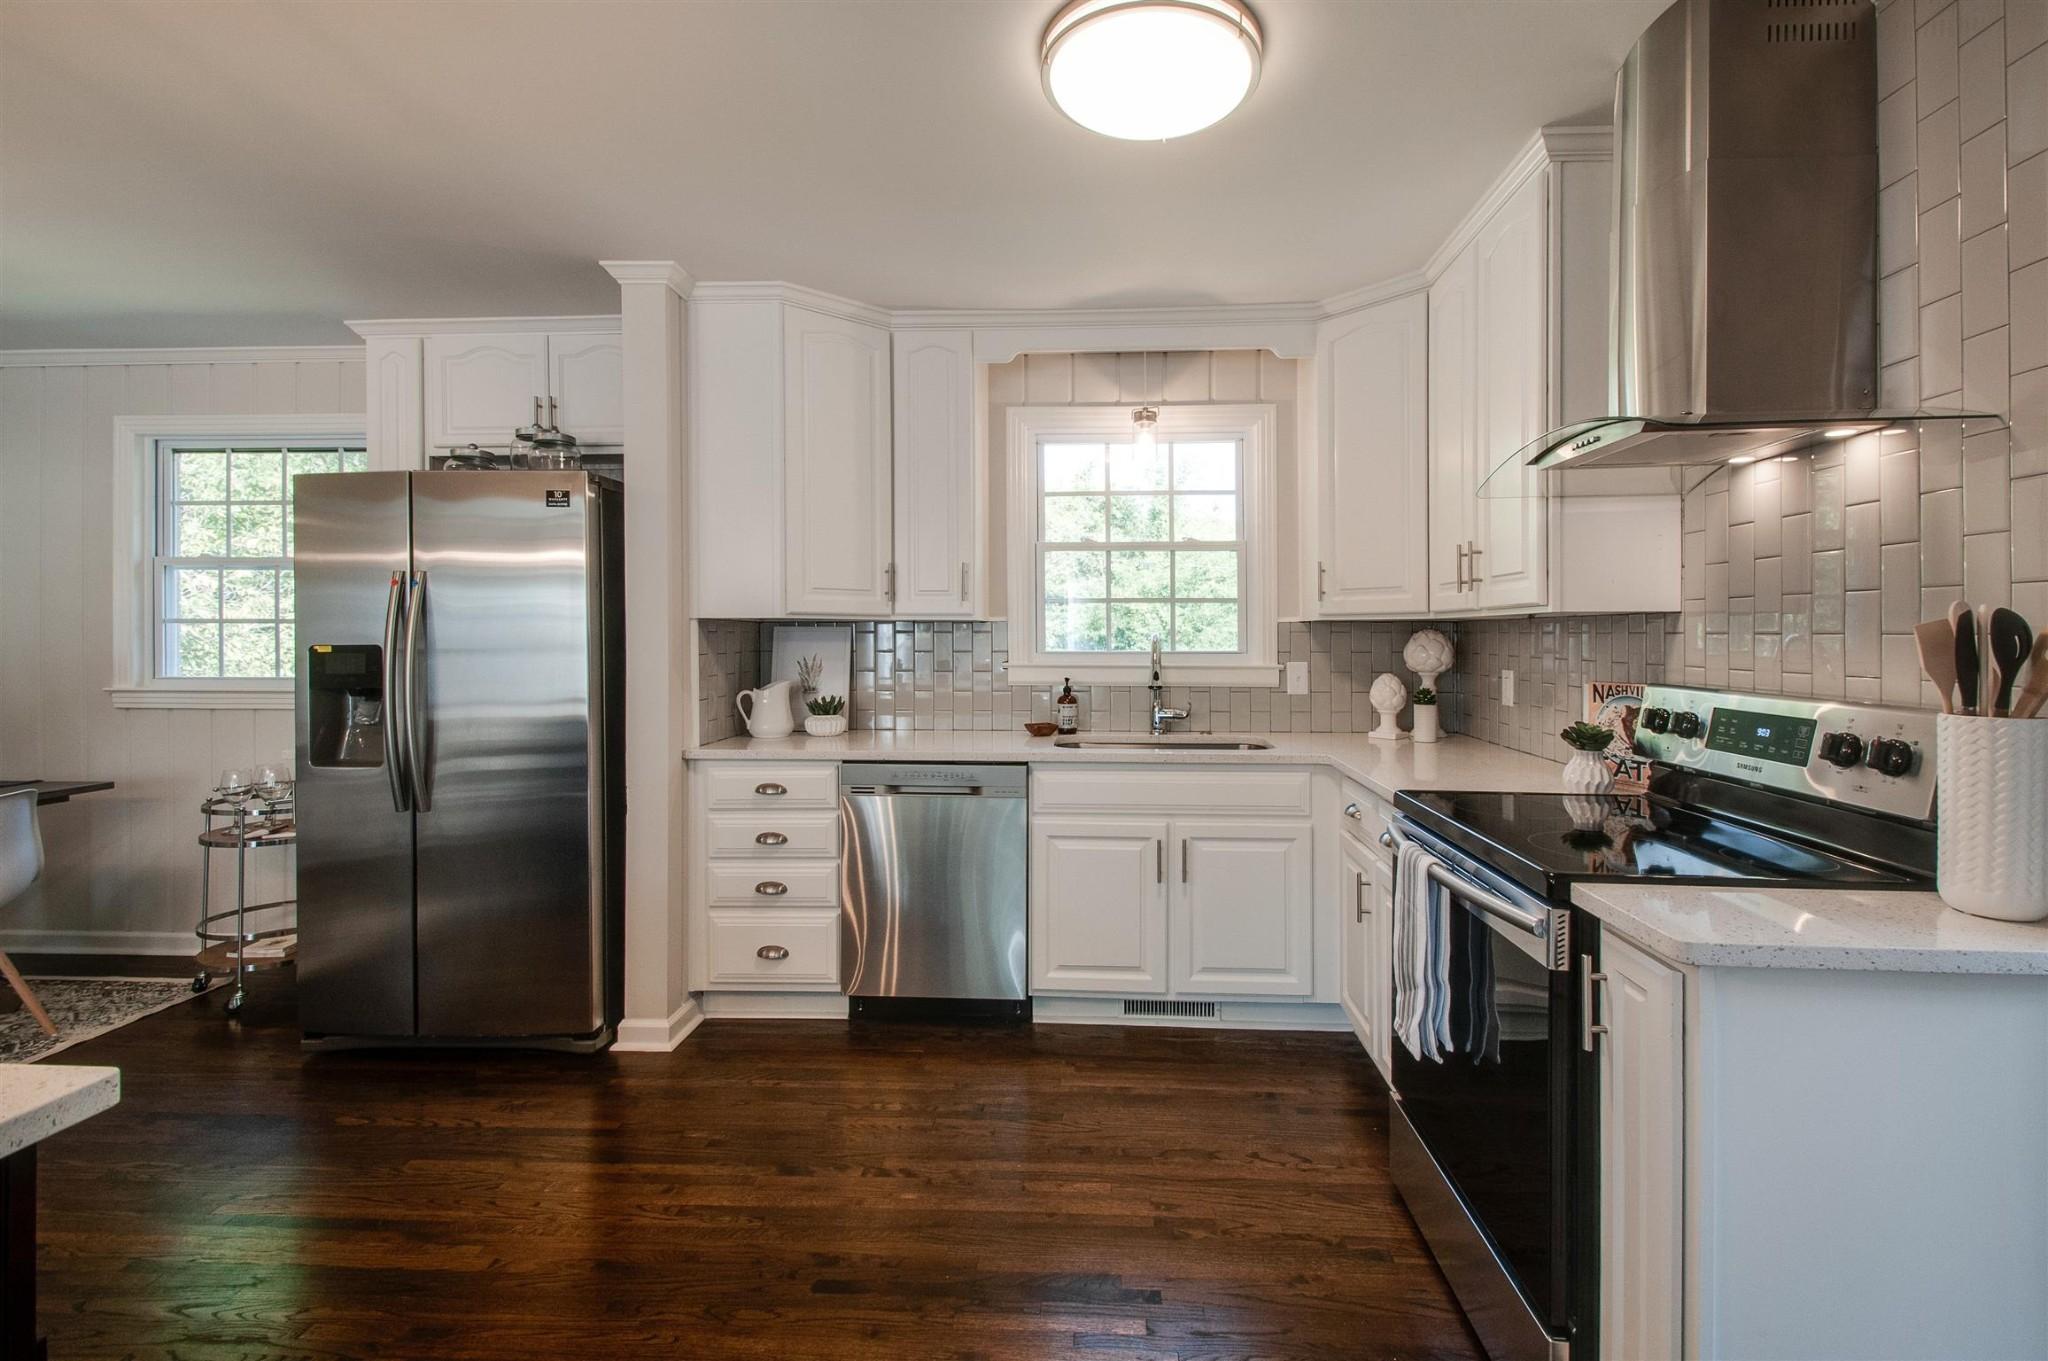 6502 Premier Dr, Nashville, TN 37209 - Nashville, TN real estate listing